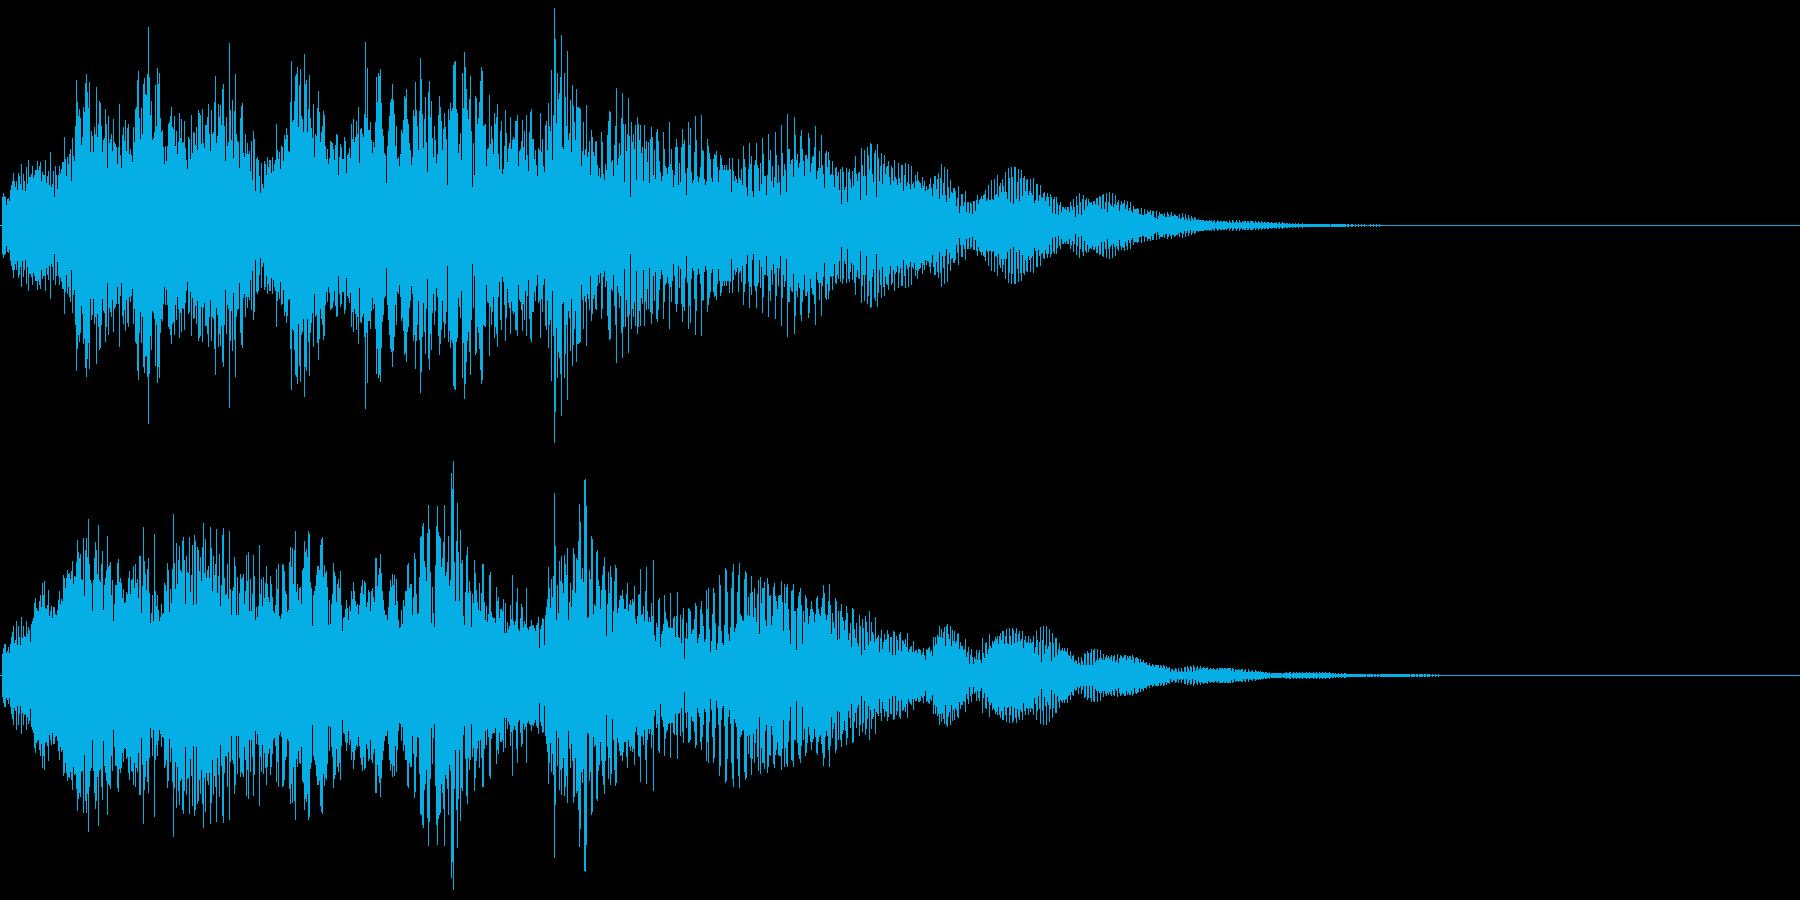 優しいチャイムお知らせタイトル ロゴ音9の再生済みの波形